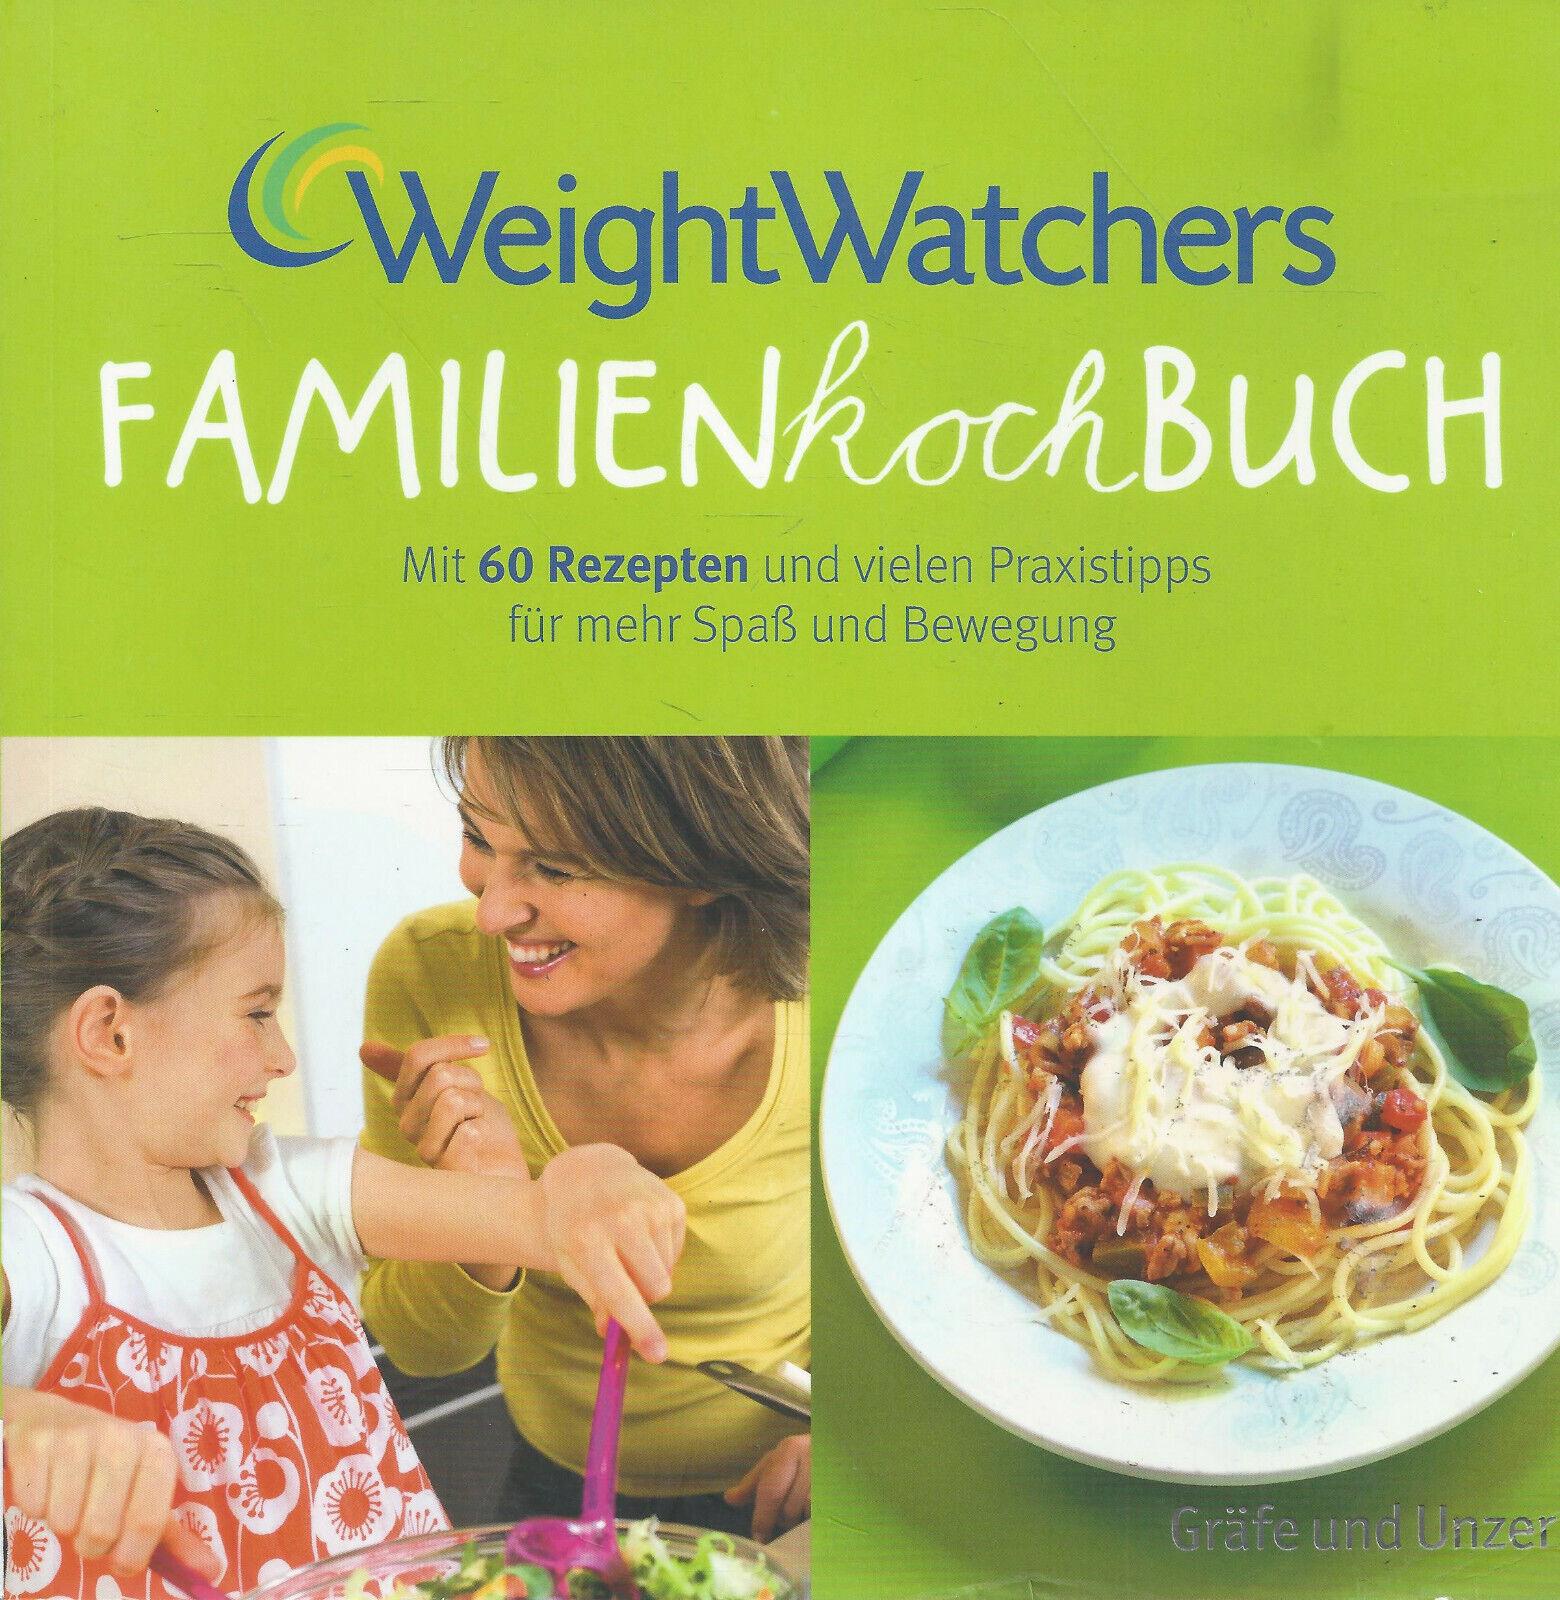 Weight Watchers Familienkochbuch - Mit 60 Rezepten und vielen Praxistipps